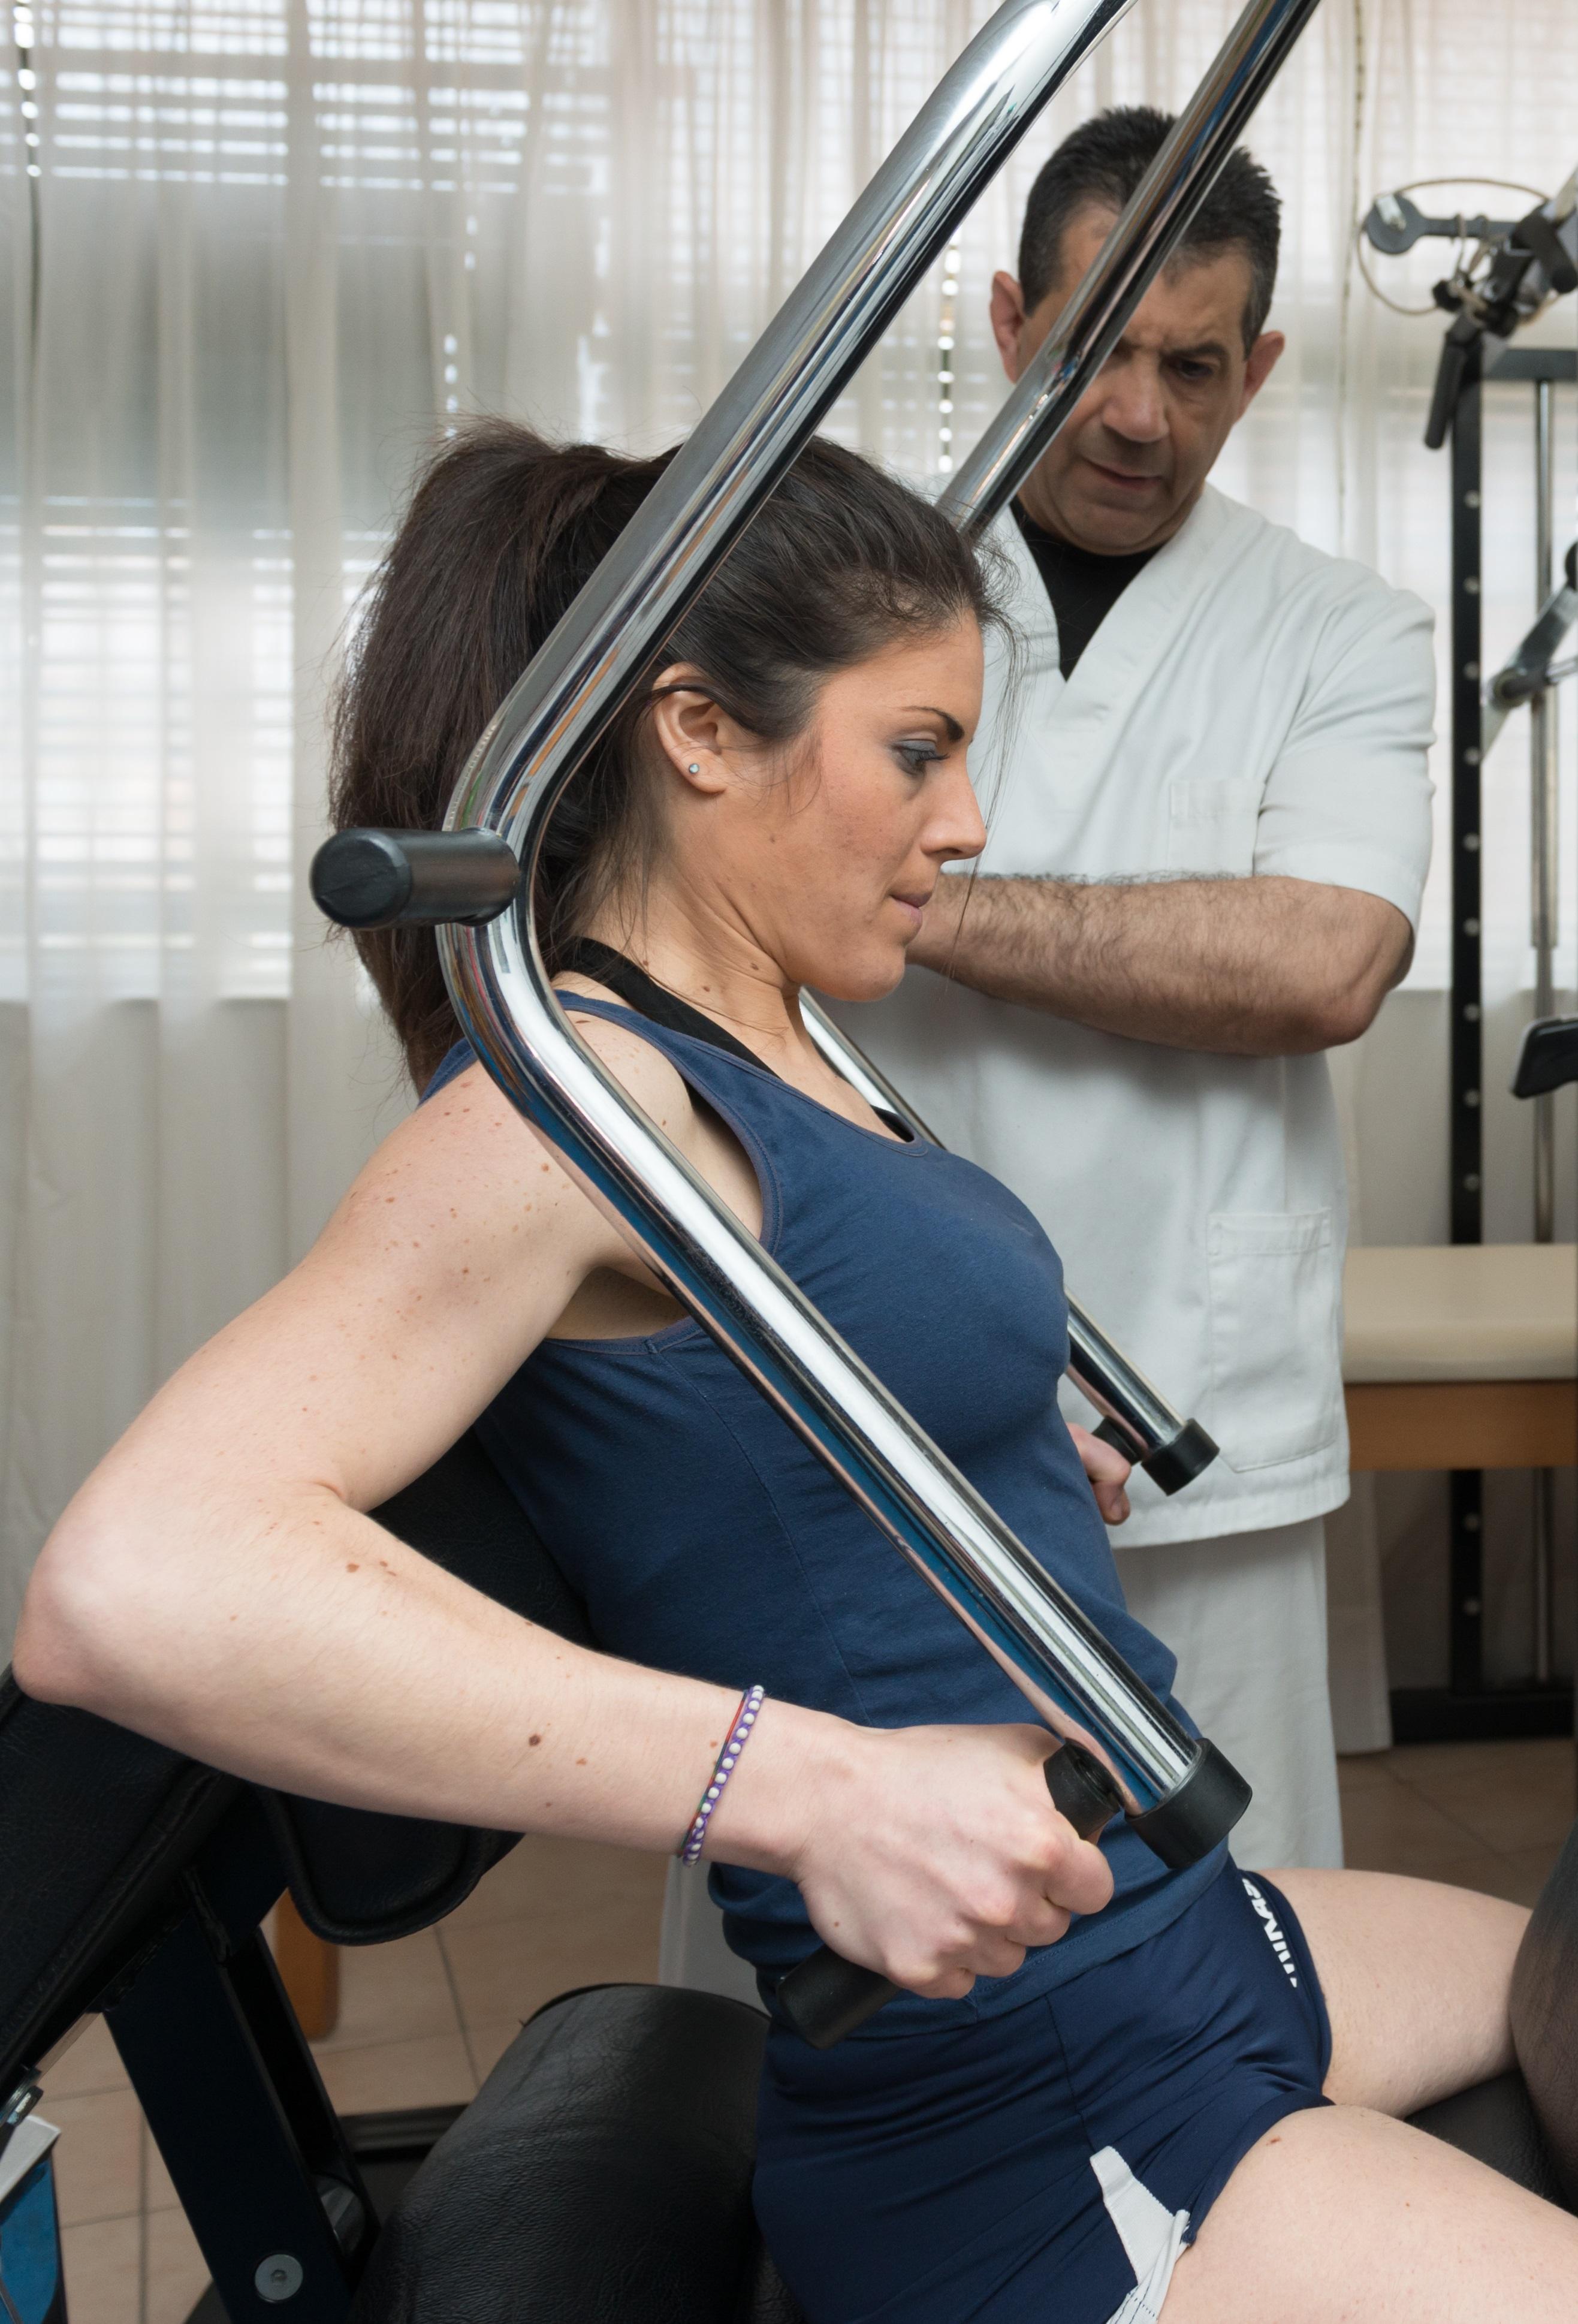 DOMS-Dolore del giorno dopo-dolore muscolare-dolore-muscoli-acido lattico-Prof. Carmelo Giuffrida-Catania